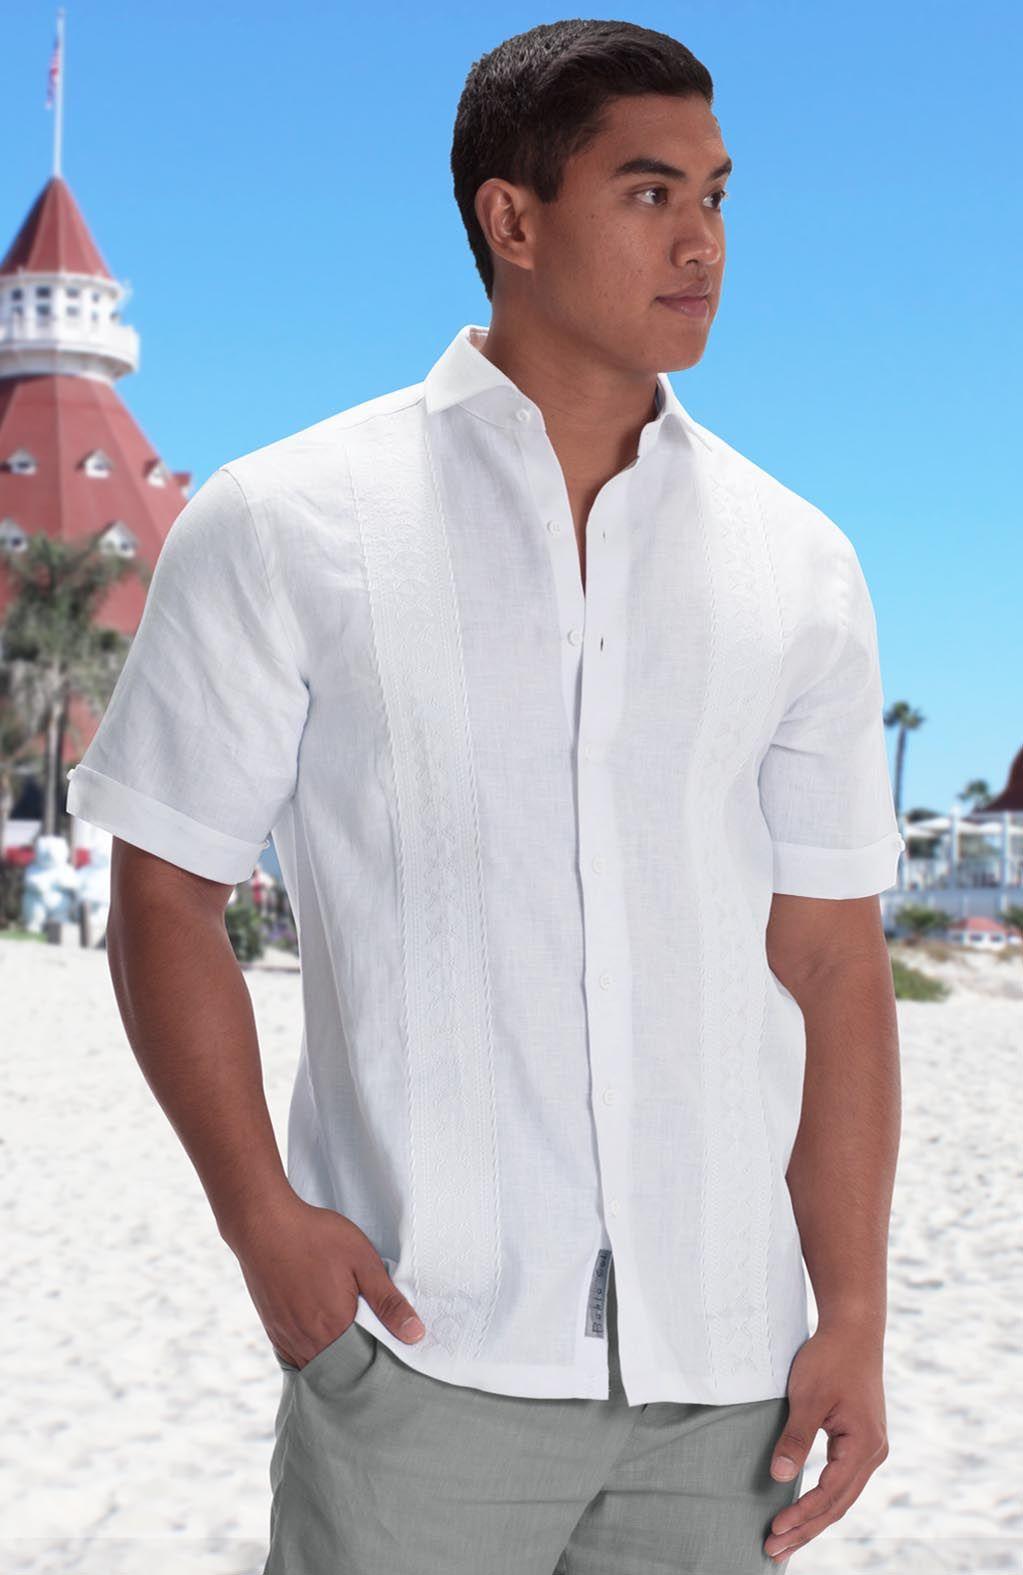 Butterfly Havana Italian Linen Mens Beach Shirts Wedding Tropics Mens Beach Wedding Attire Beach Wedding Shirts White Linen Shirt Men [ 1575 x 1023 Pixel ]